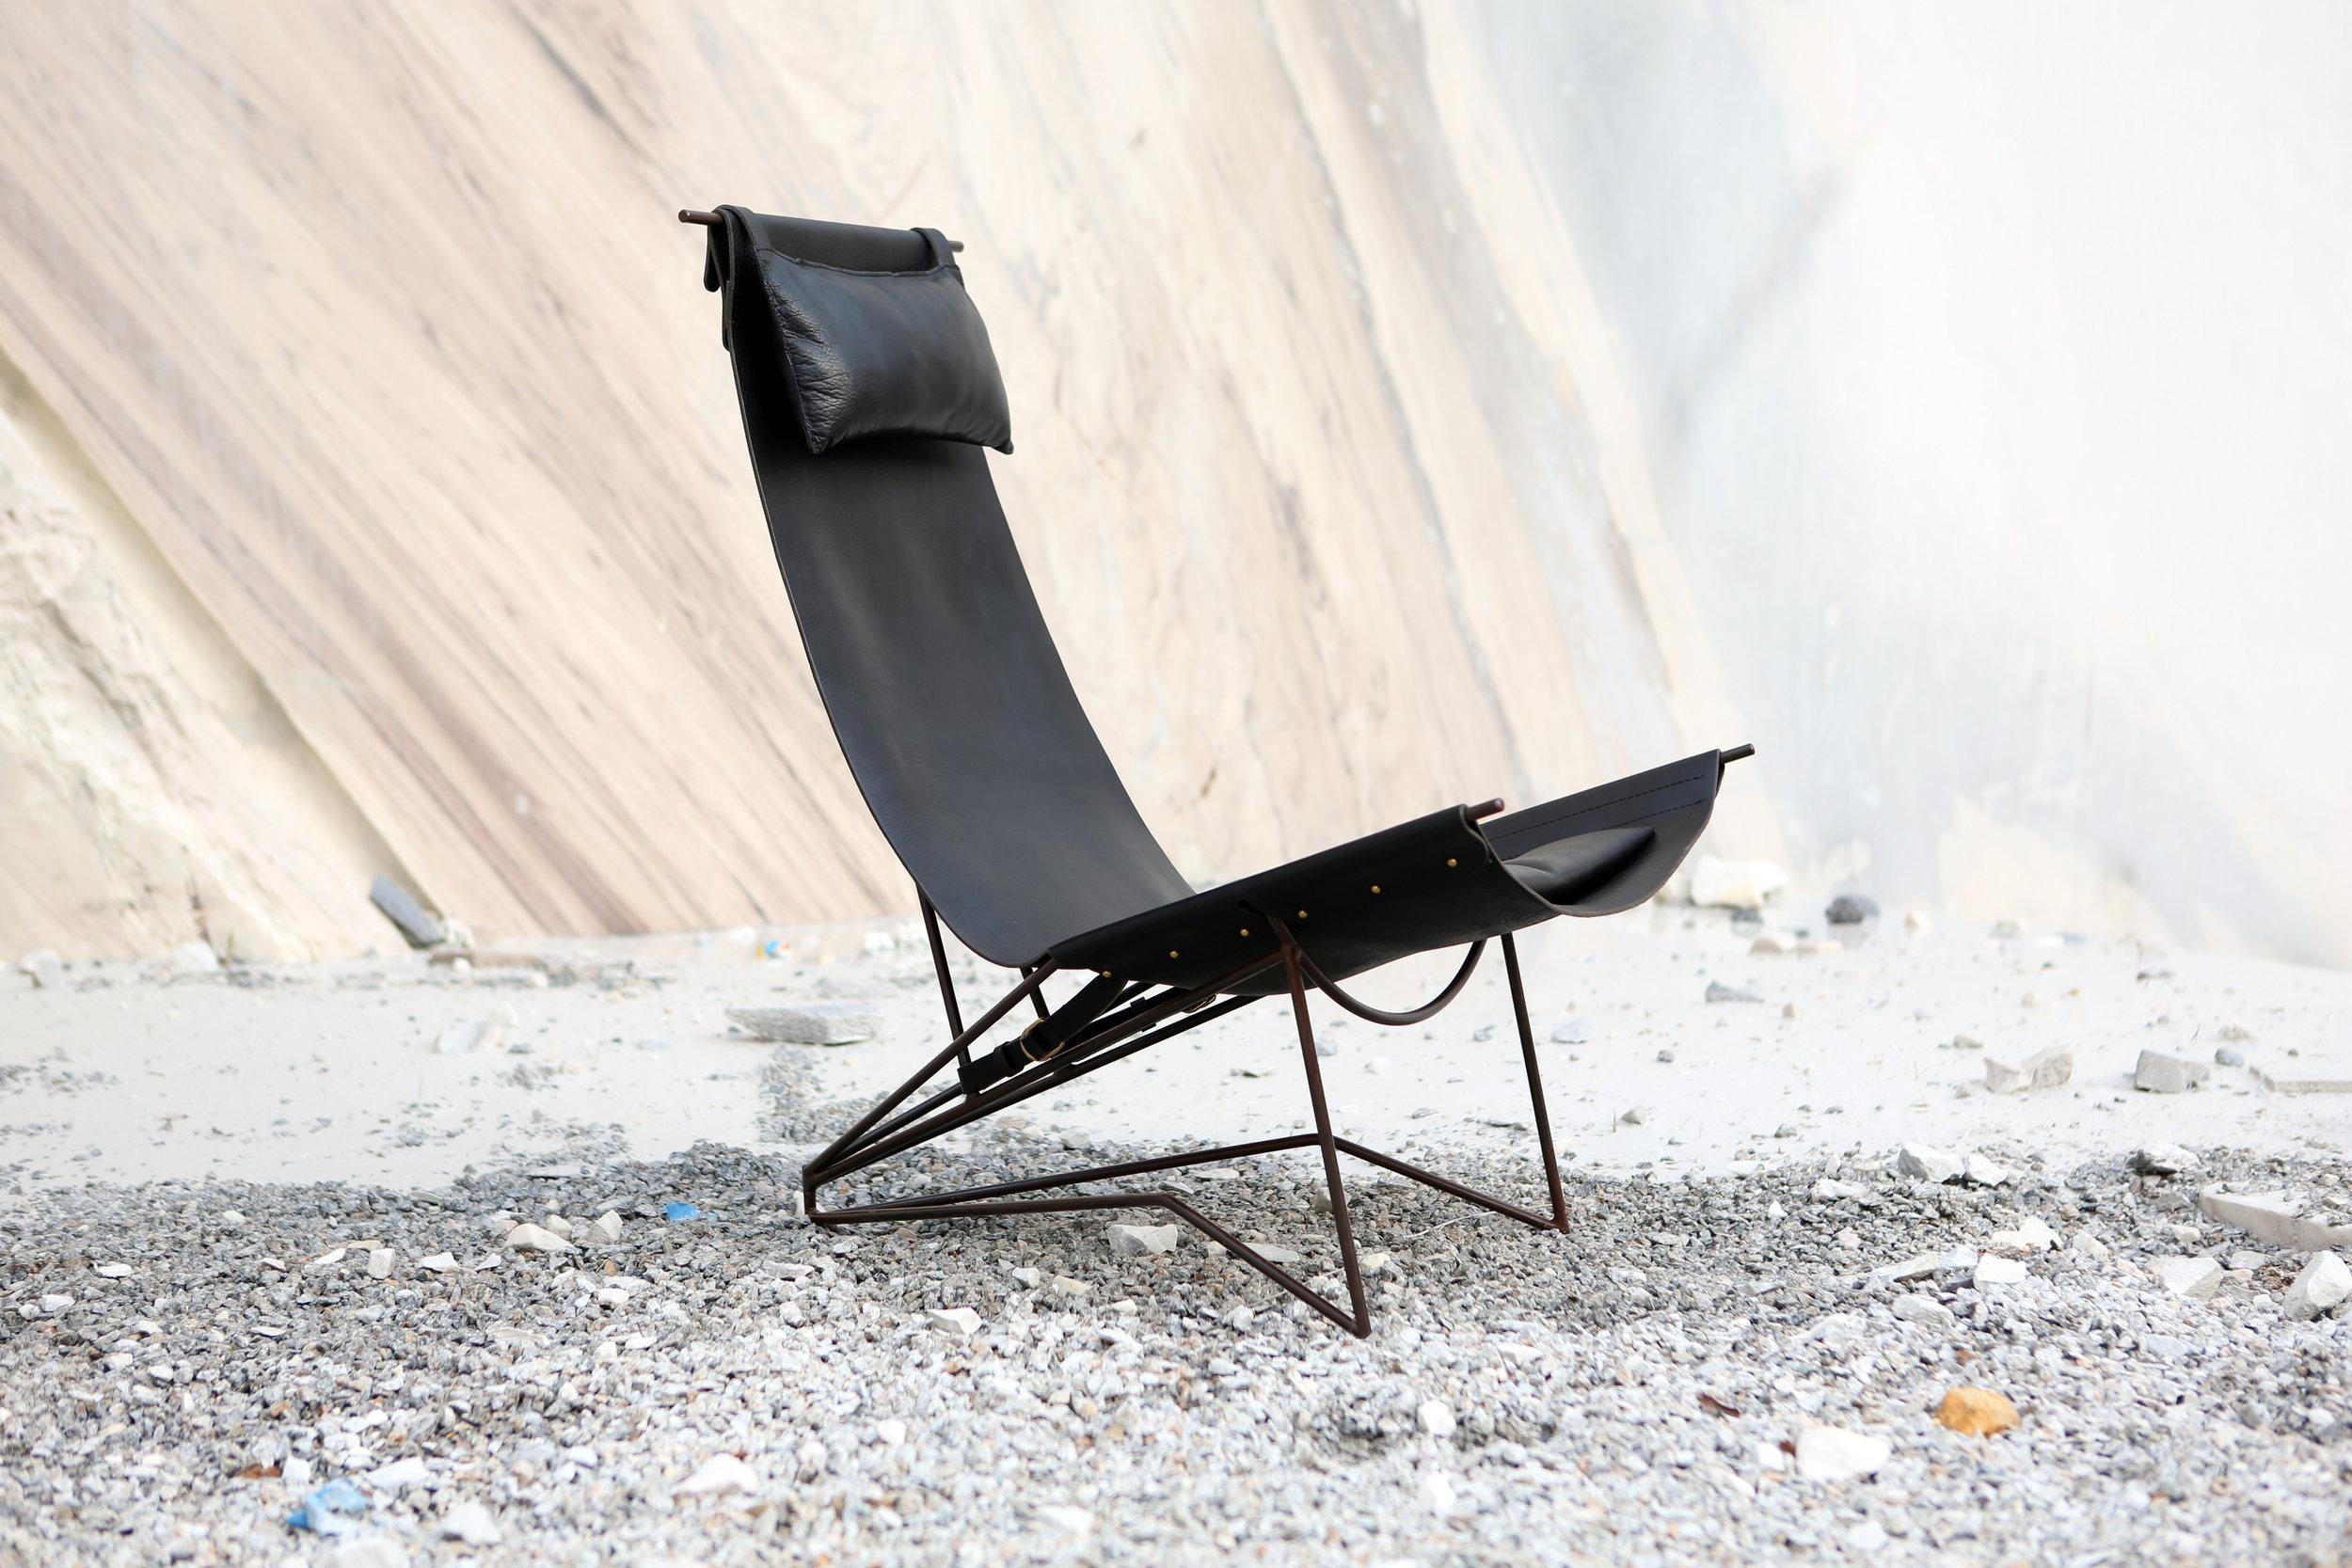 Venezia  chair designed by Atelier LAVIT © Marco Lavit Nicora